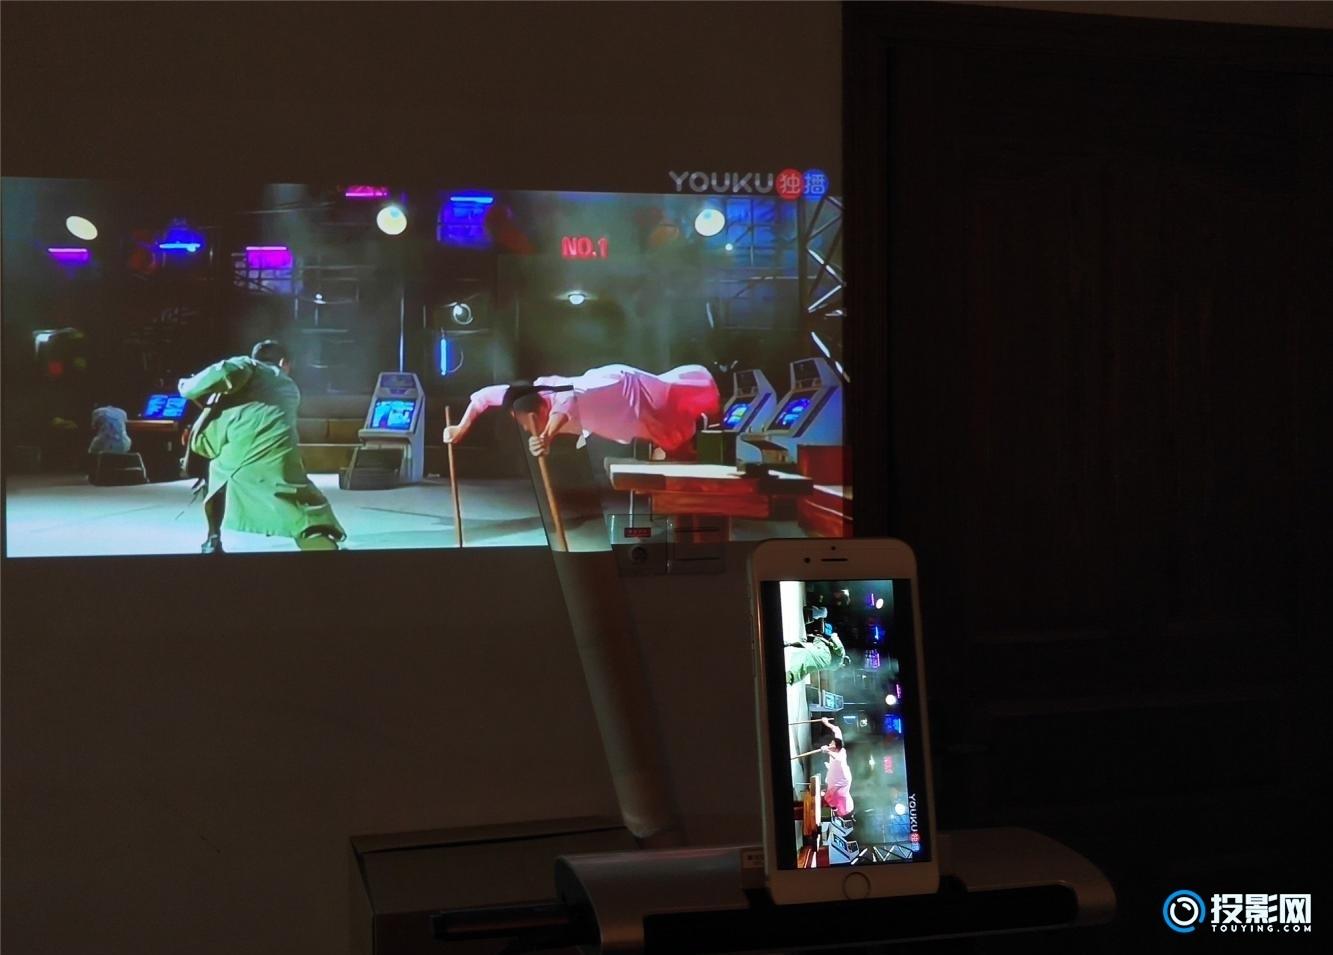 """传统电视""""无语""""! 这款坚果百英寸投影电视, 可以放进口..."""